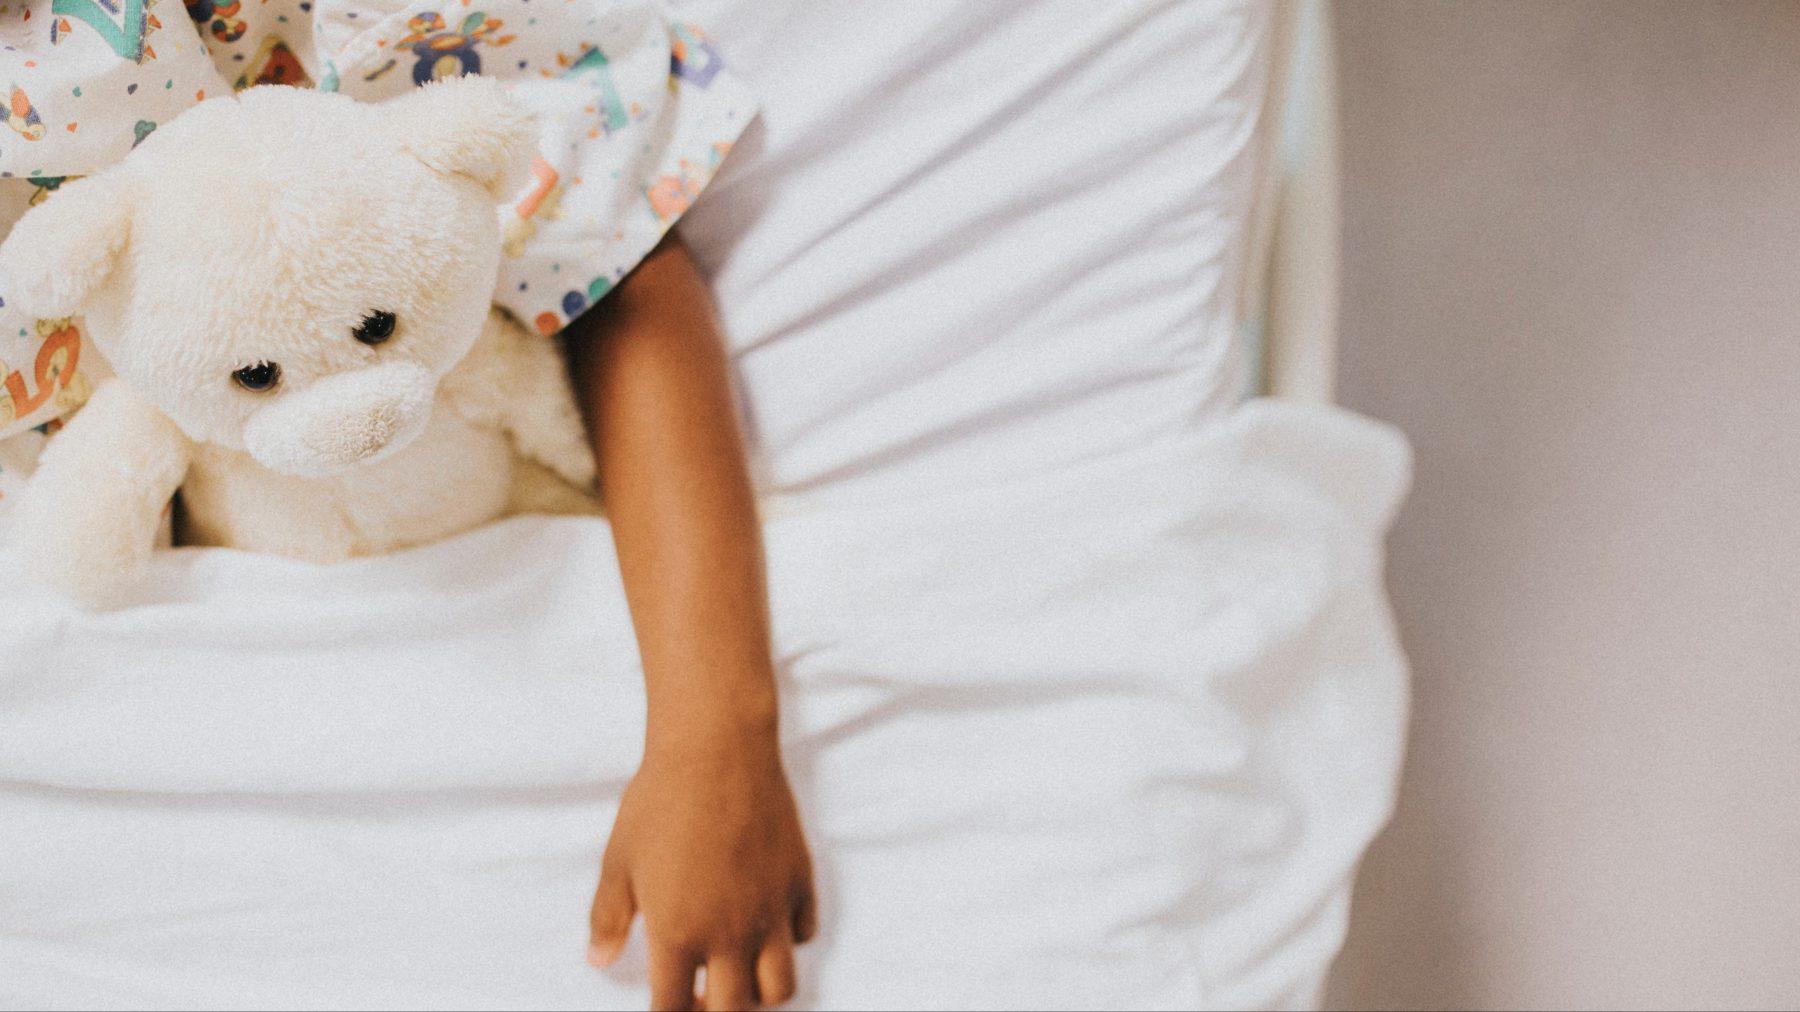 mazelen Leids kinderdagverblijf